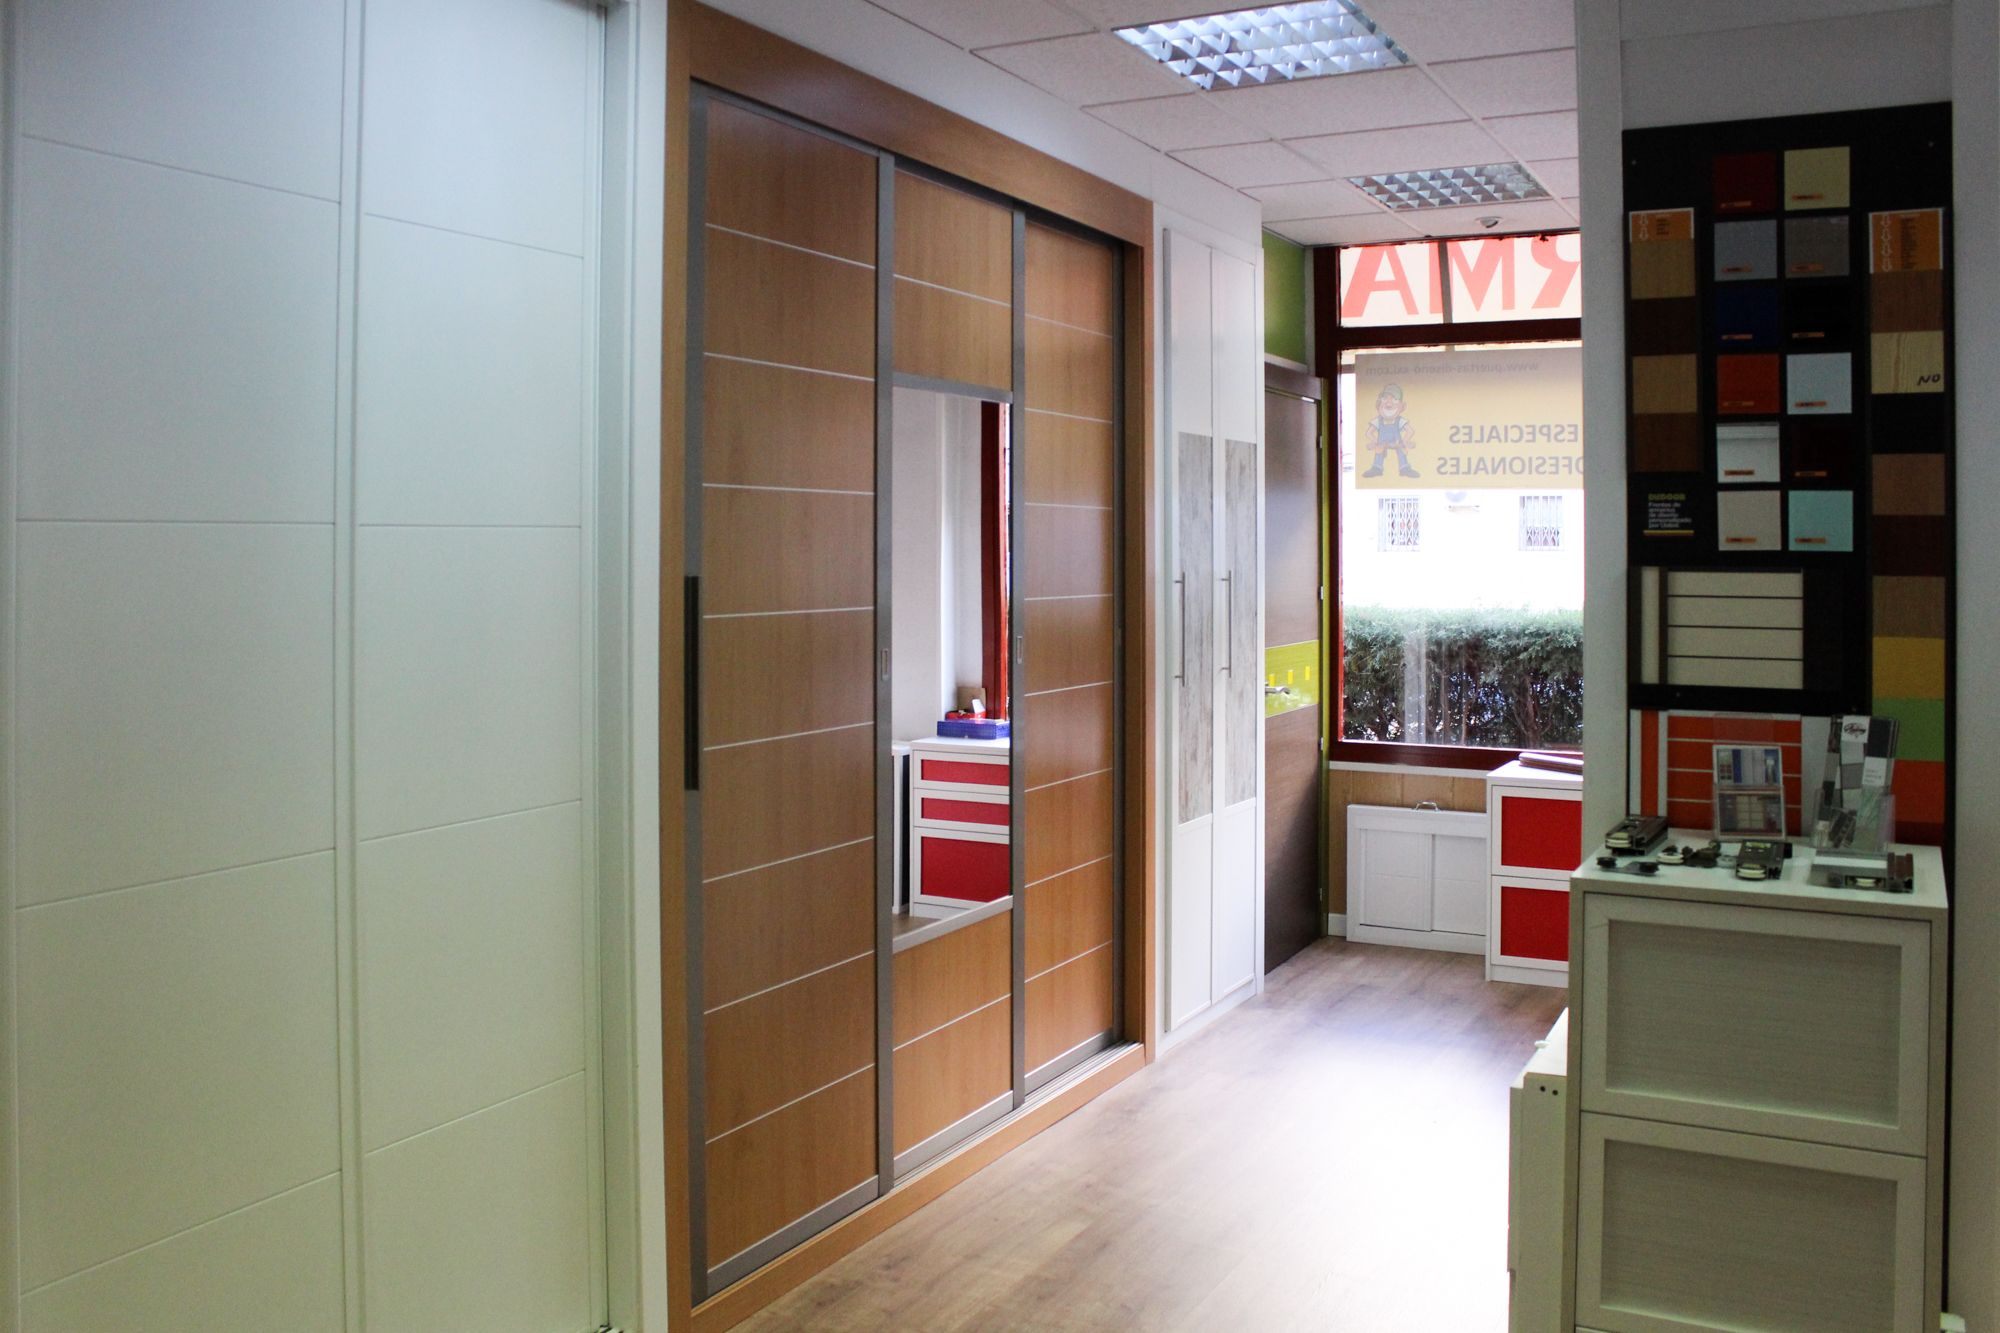 Foto 3 de Diseño y fabricación de puertas y muebles en Ascao en Madrid | Puertas Ascao